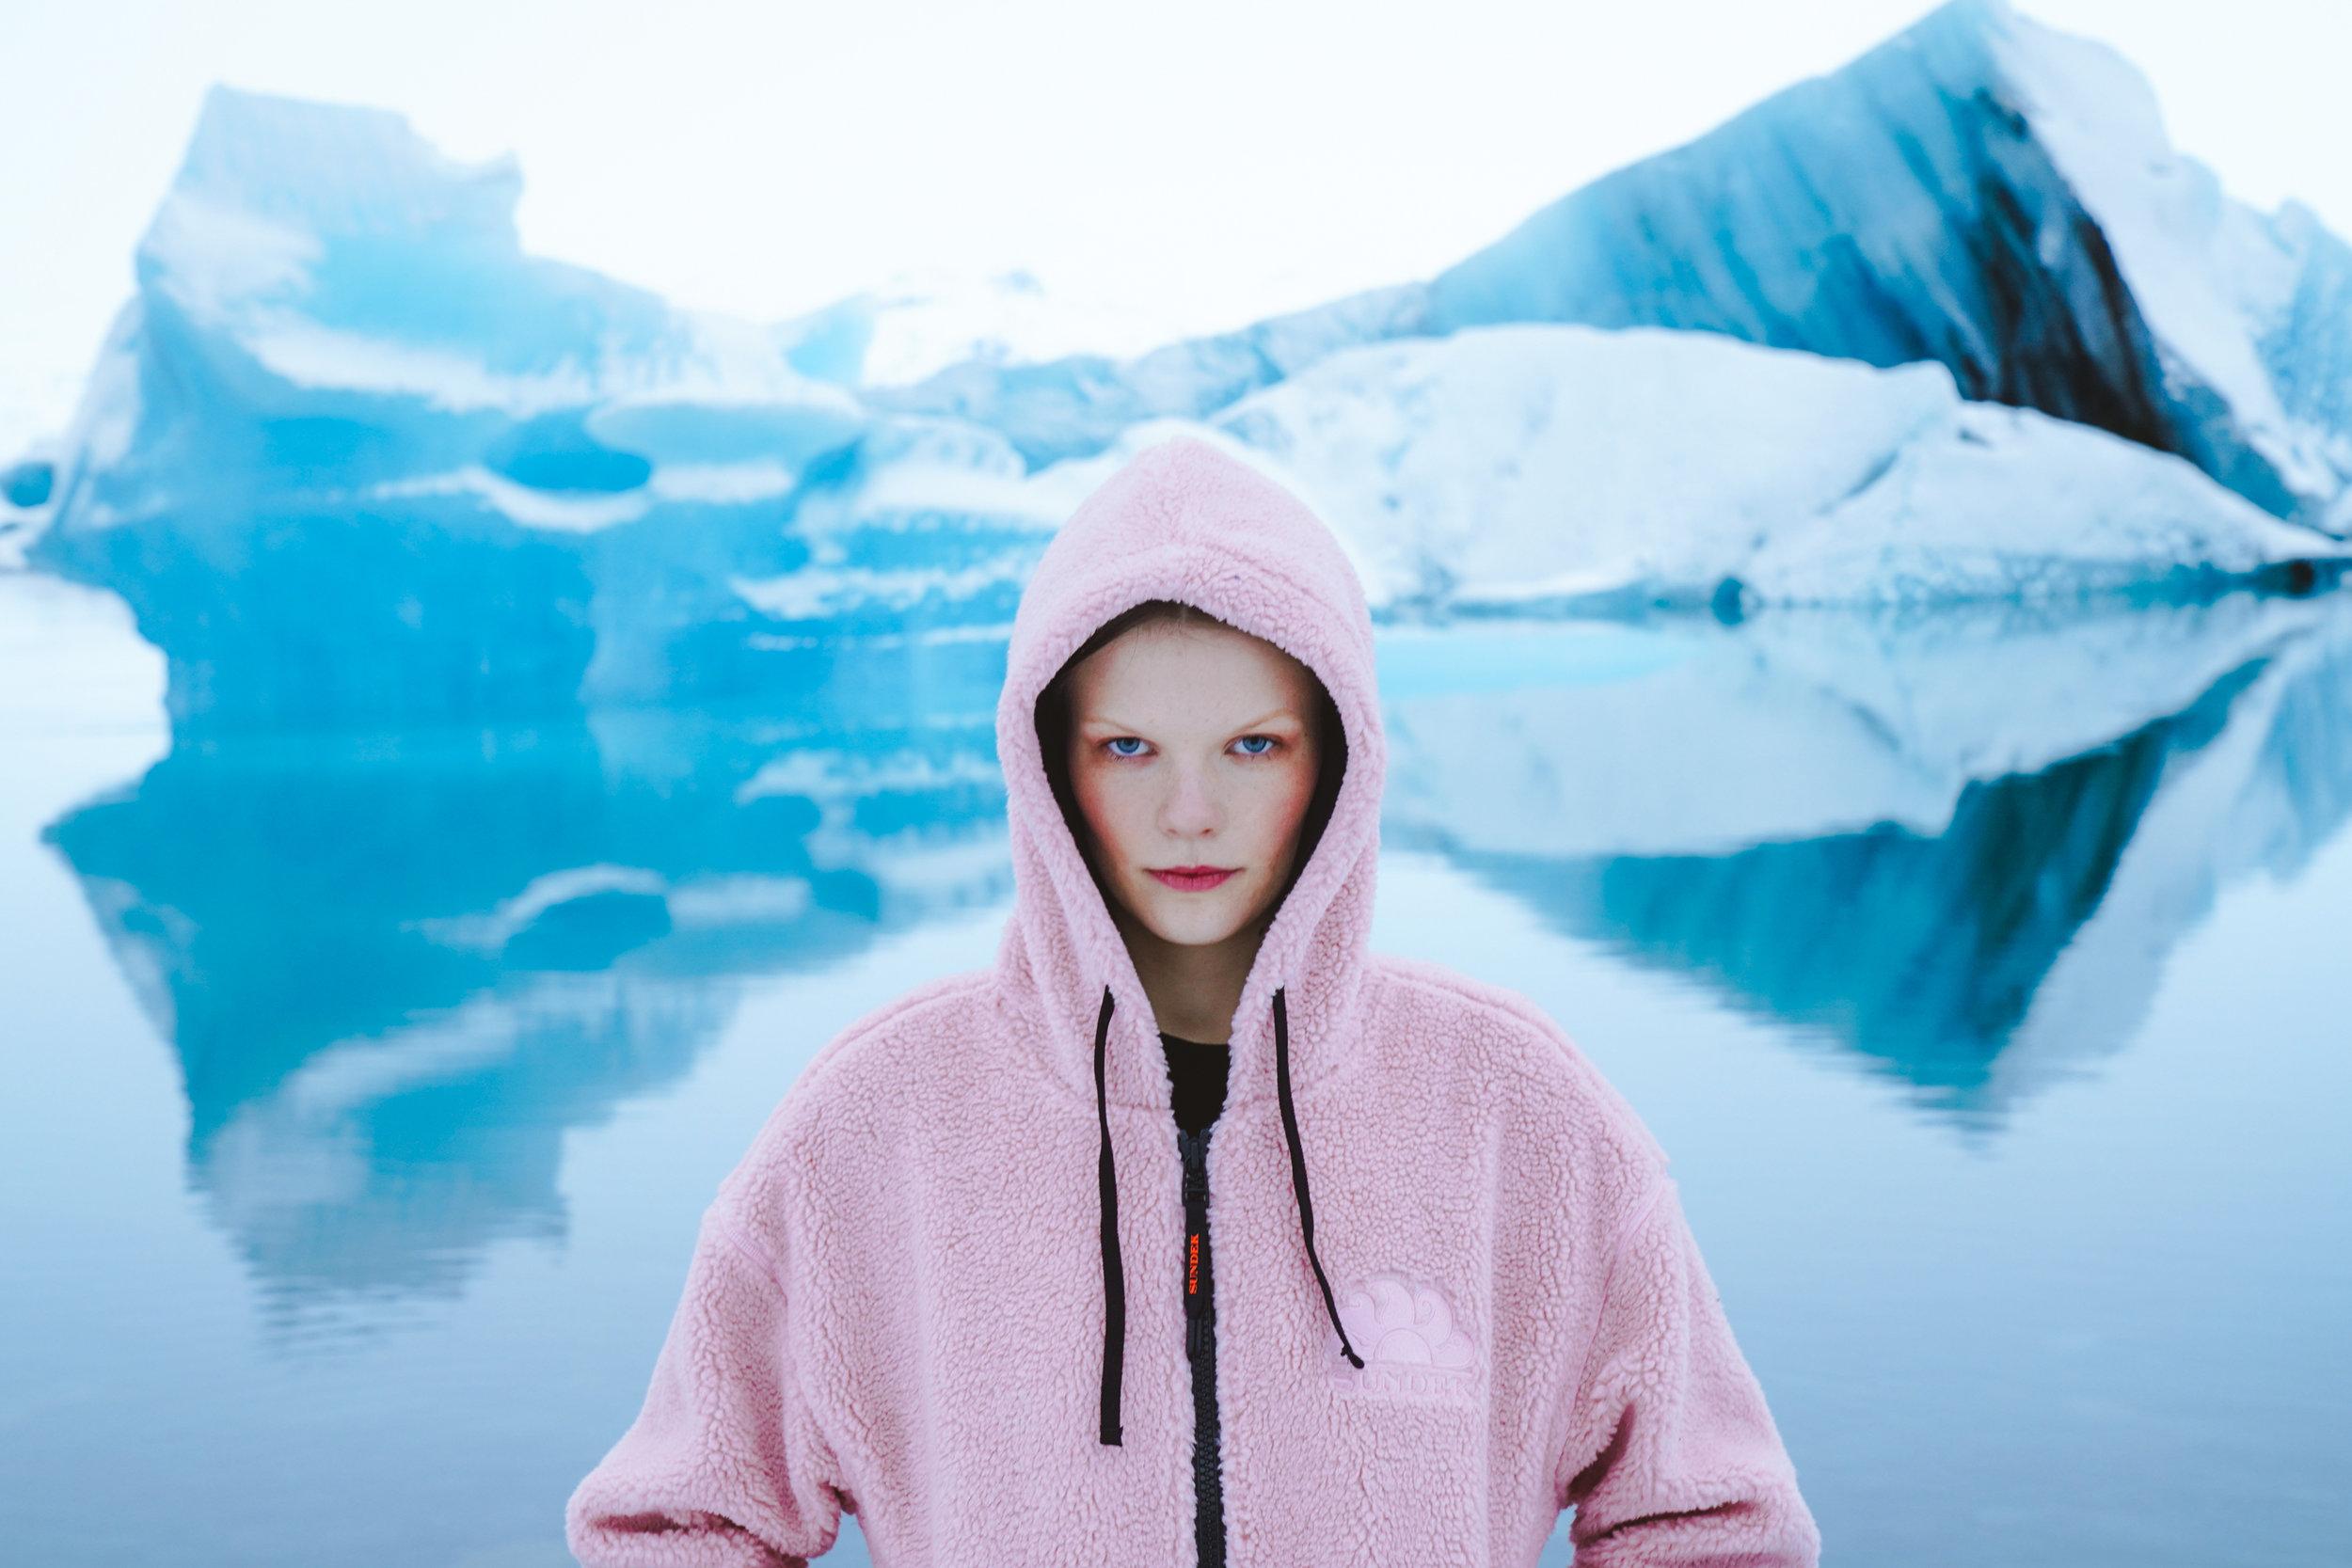 Sundek photoshoot Kristin wearing a pink jacket at Jökulsárlón